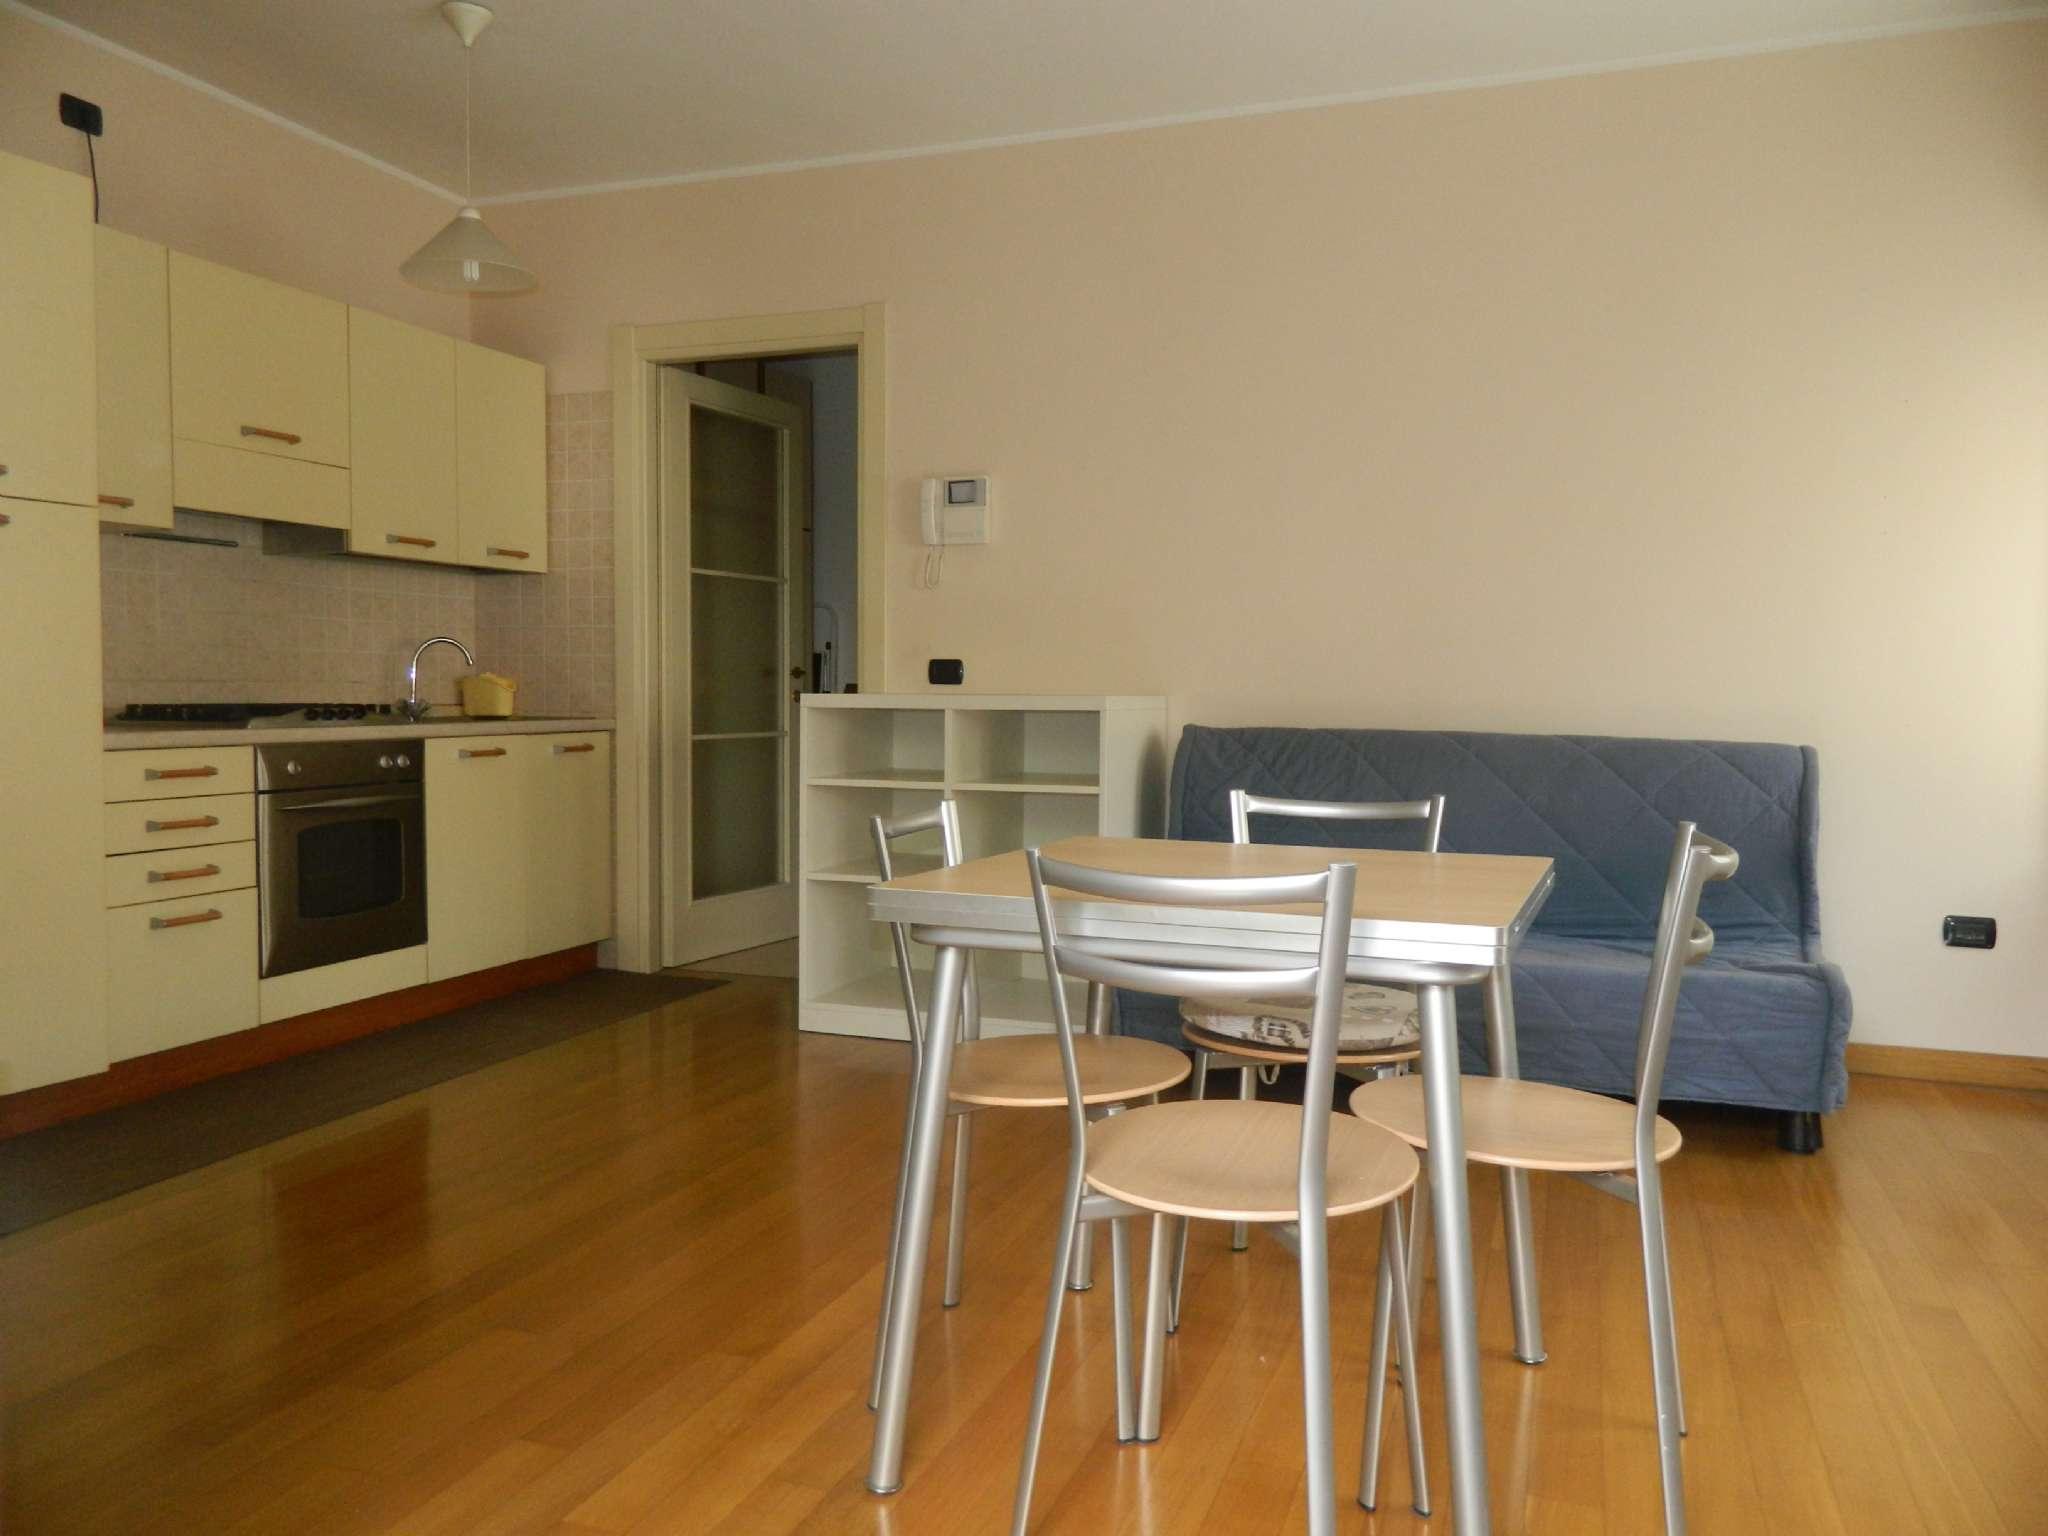 Appartamento in affitto a Sondrio, 1 locali, prezzo € 300 | CambioCasa.it